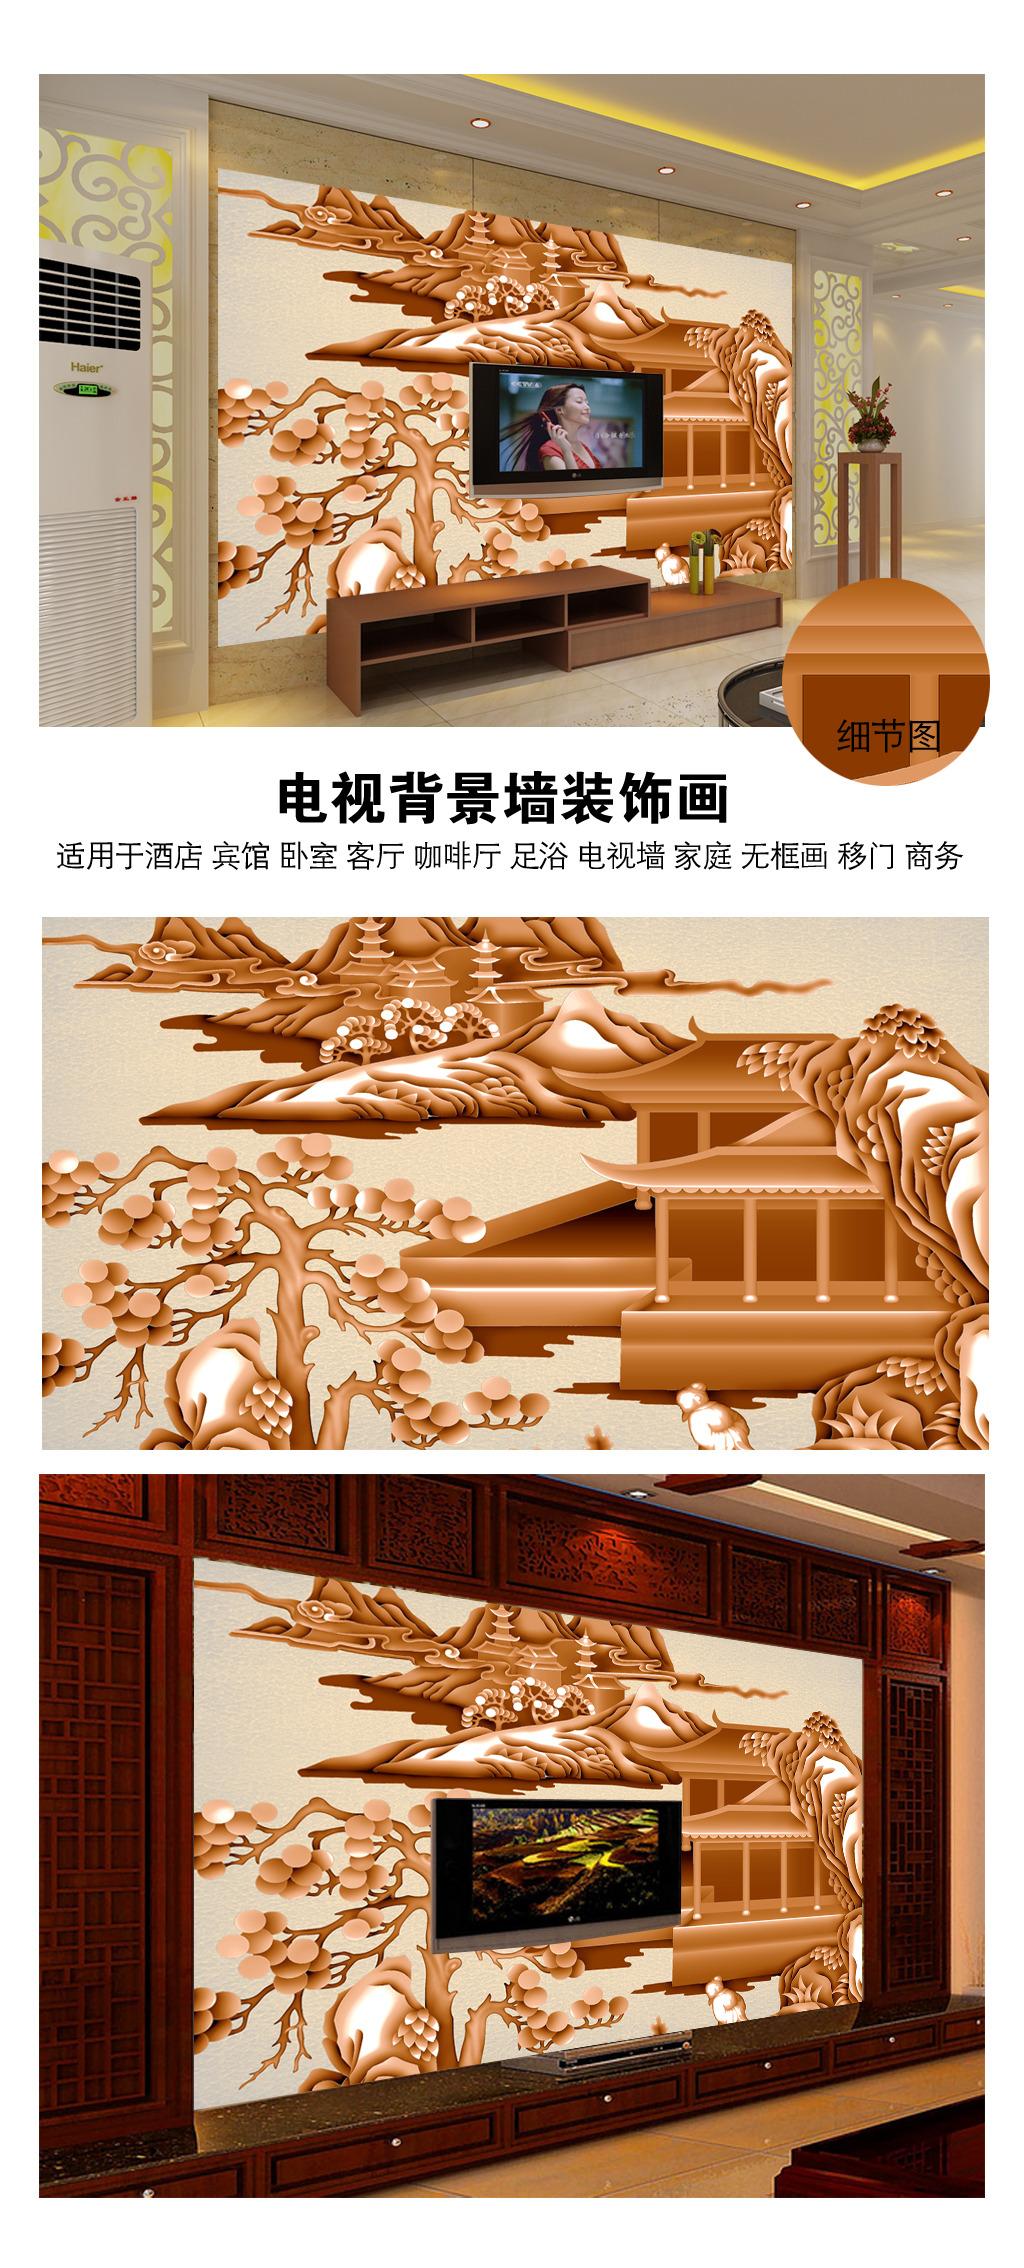 客厅3d木雕国画风景风景电视背景墙